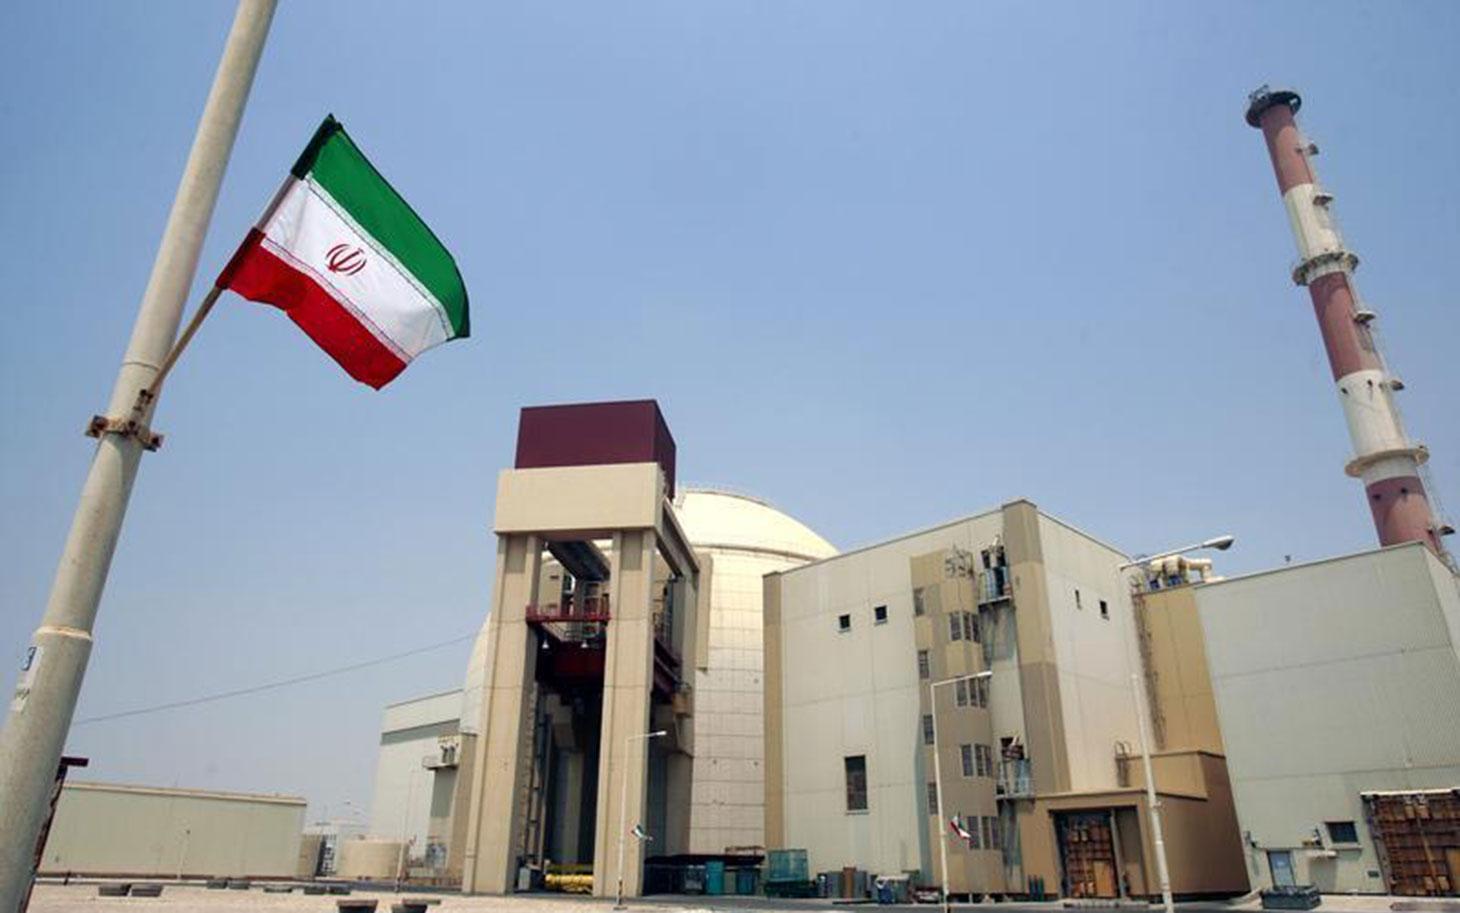 الوكالة الذرية تعلن بدء تفكيك المنشئات النووية الإيرانية